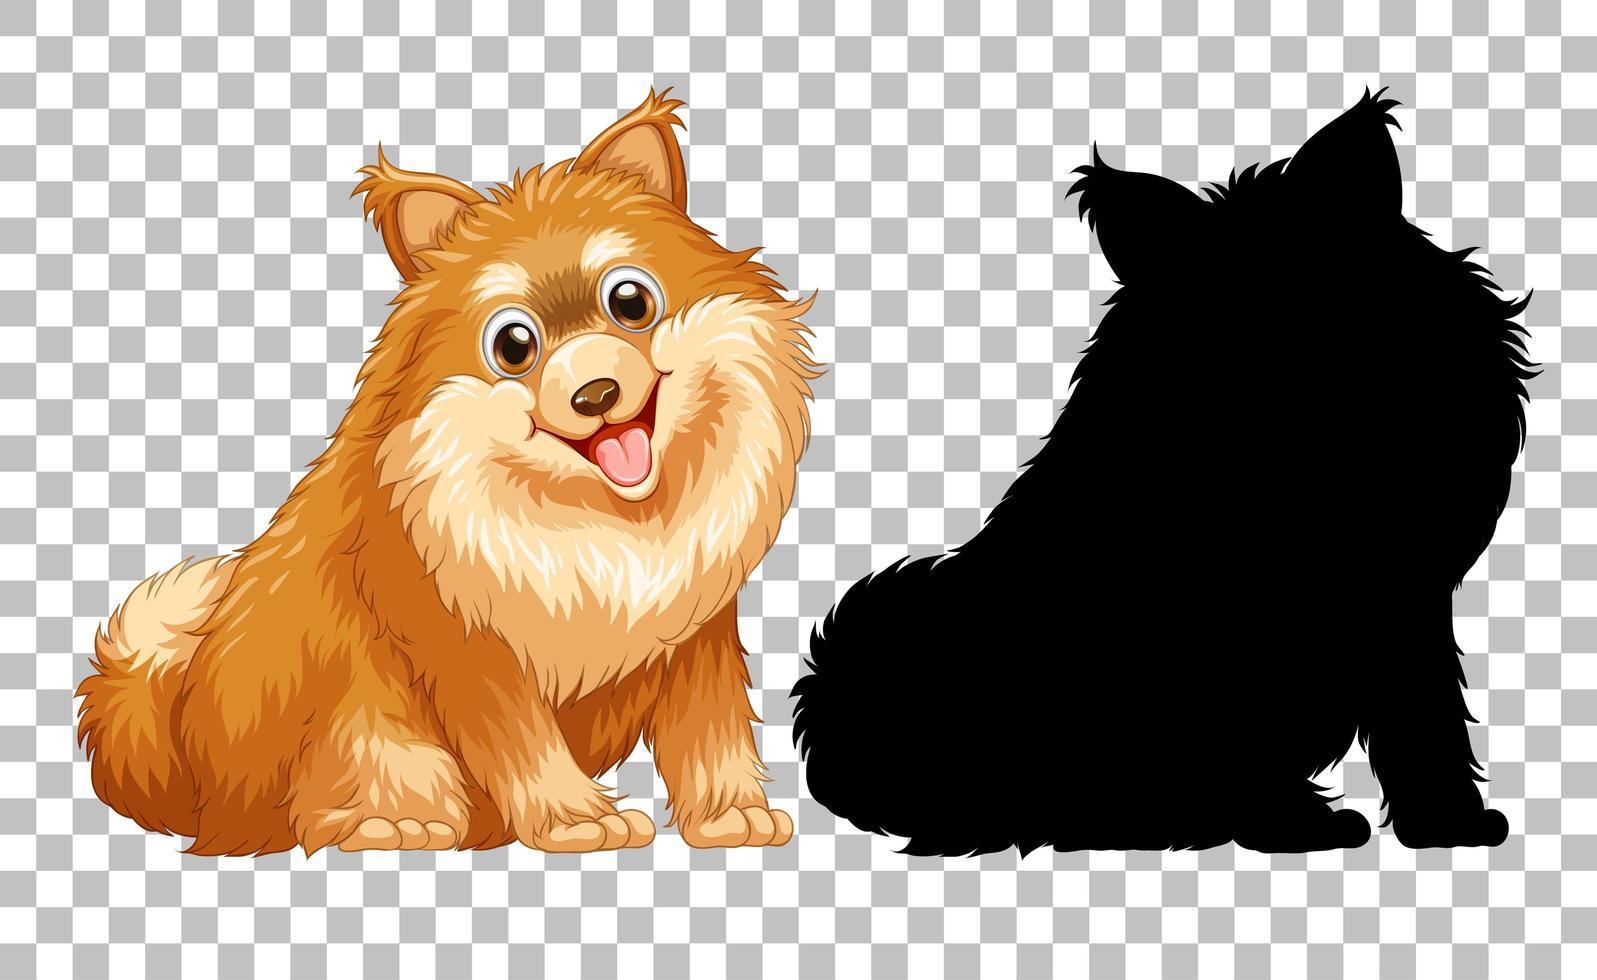 simpatico cane pomeranian e la sua silhouette su sfondo trasparente vettore